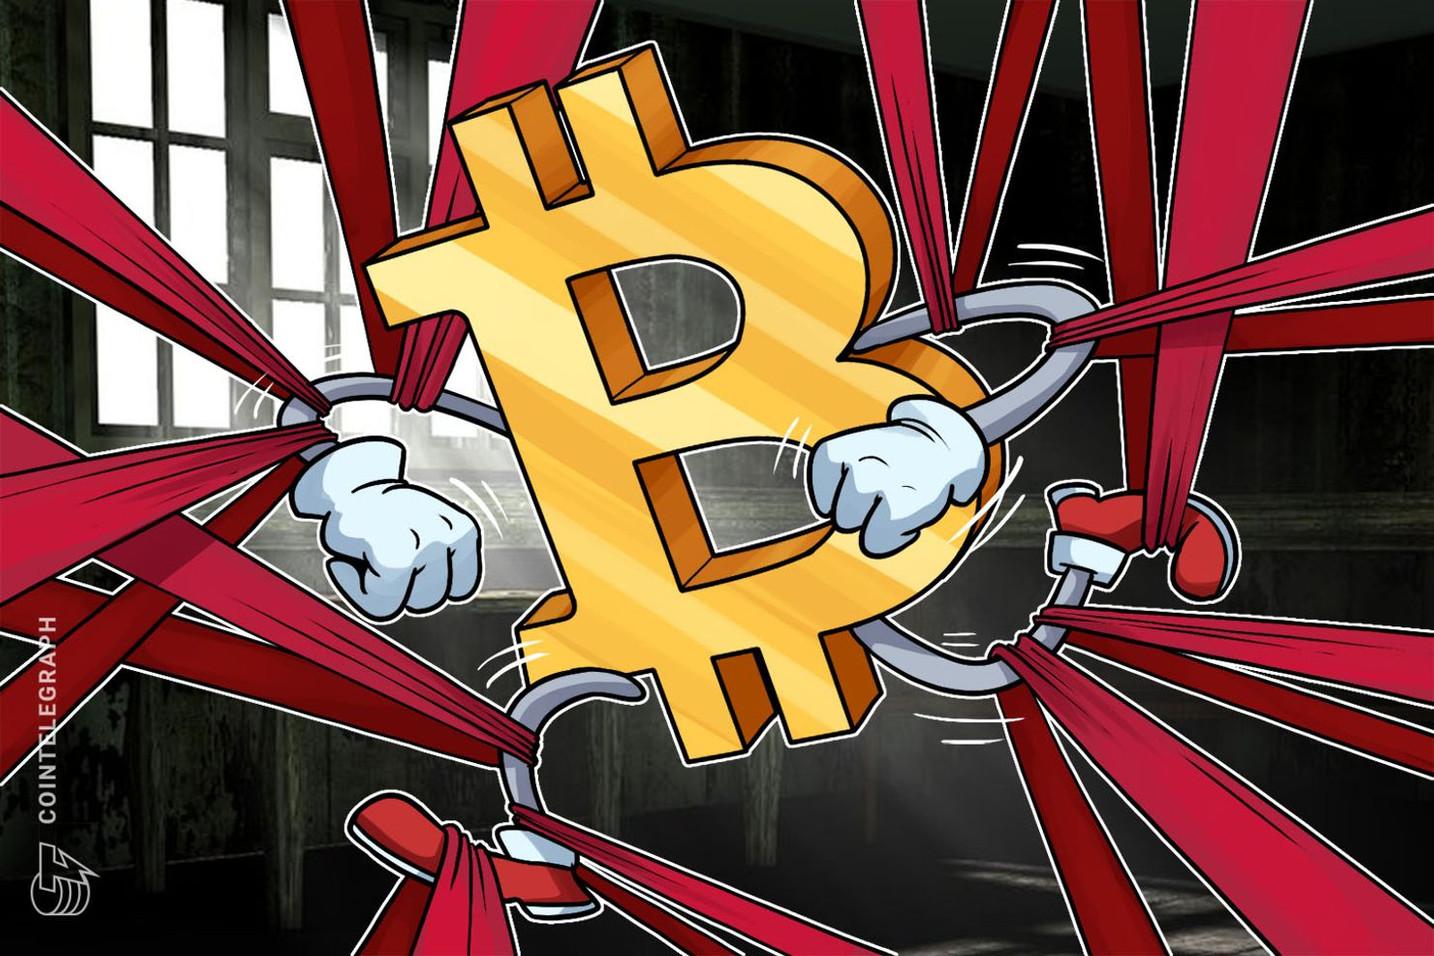 La cinta de dificultad Bitcoin: la presión de venta en un gráfico